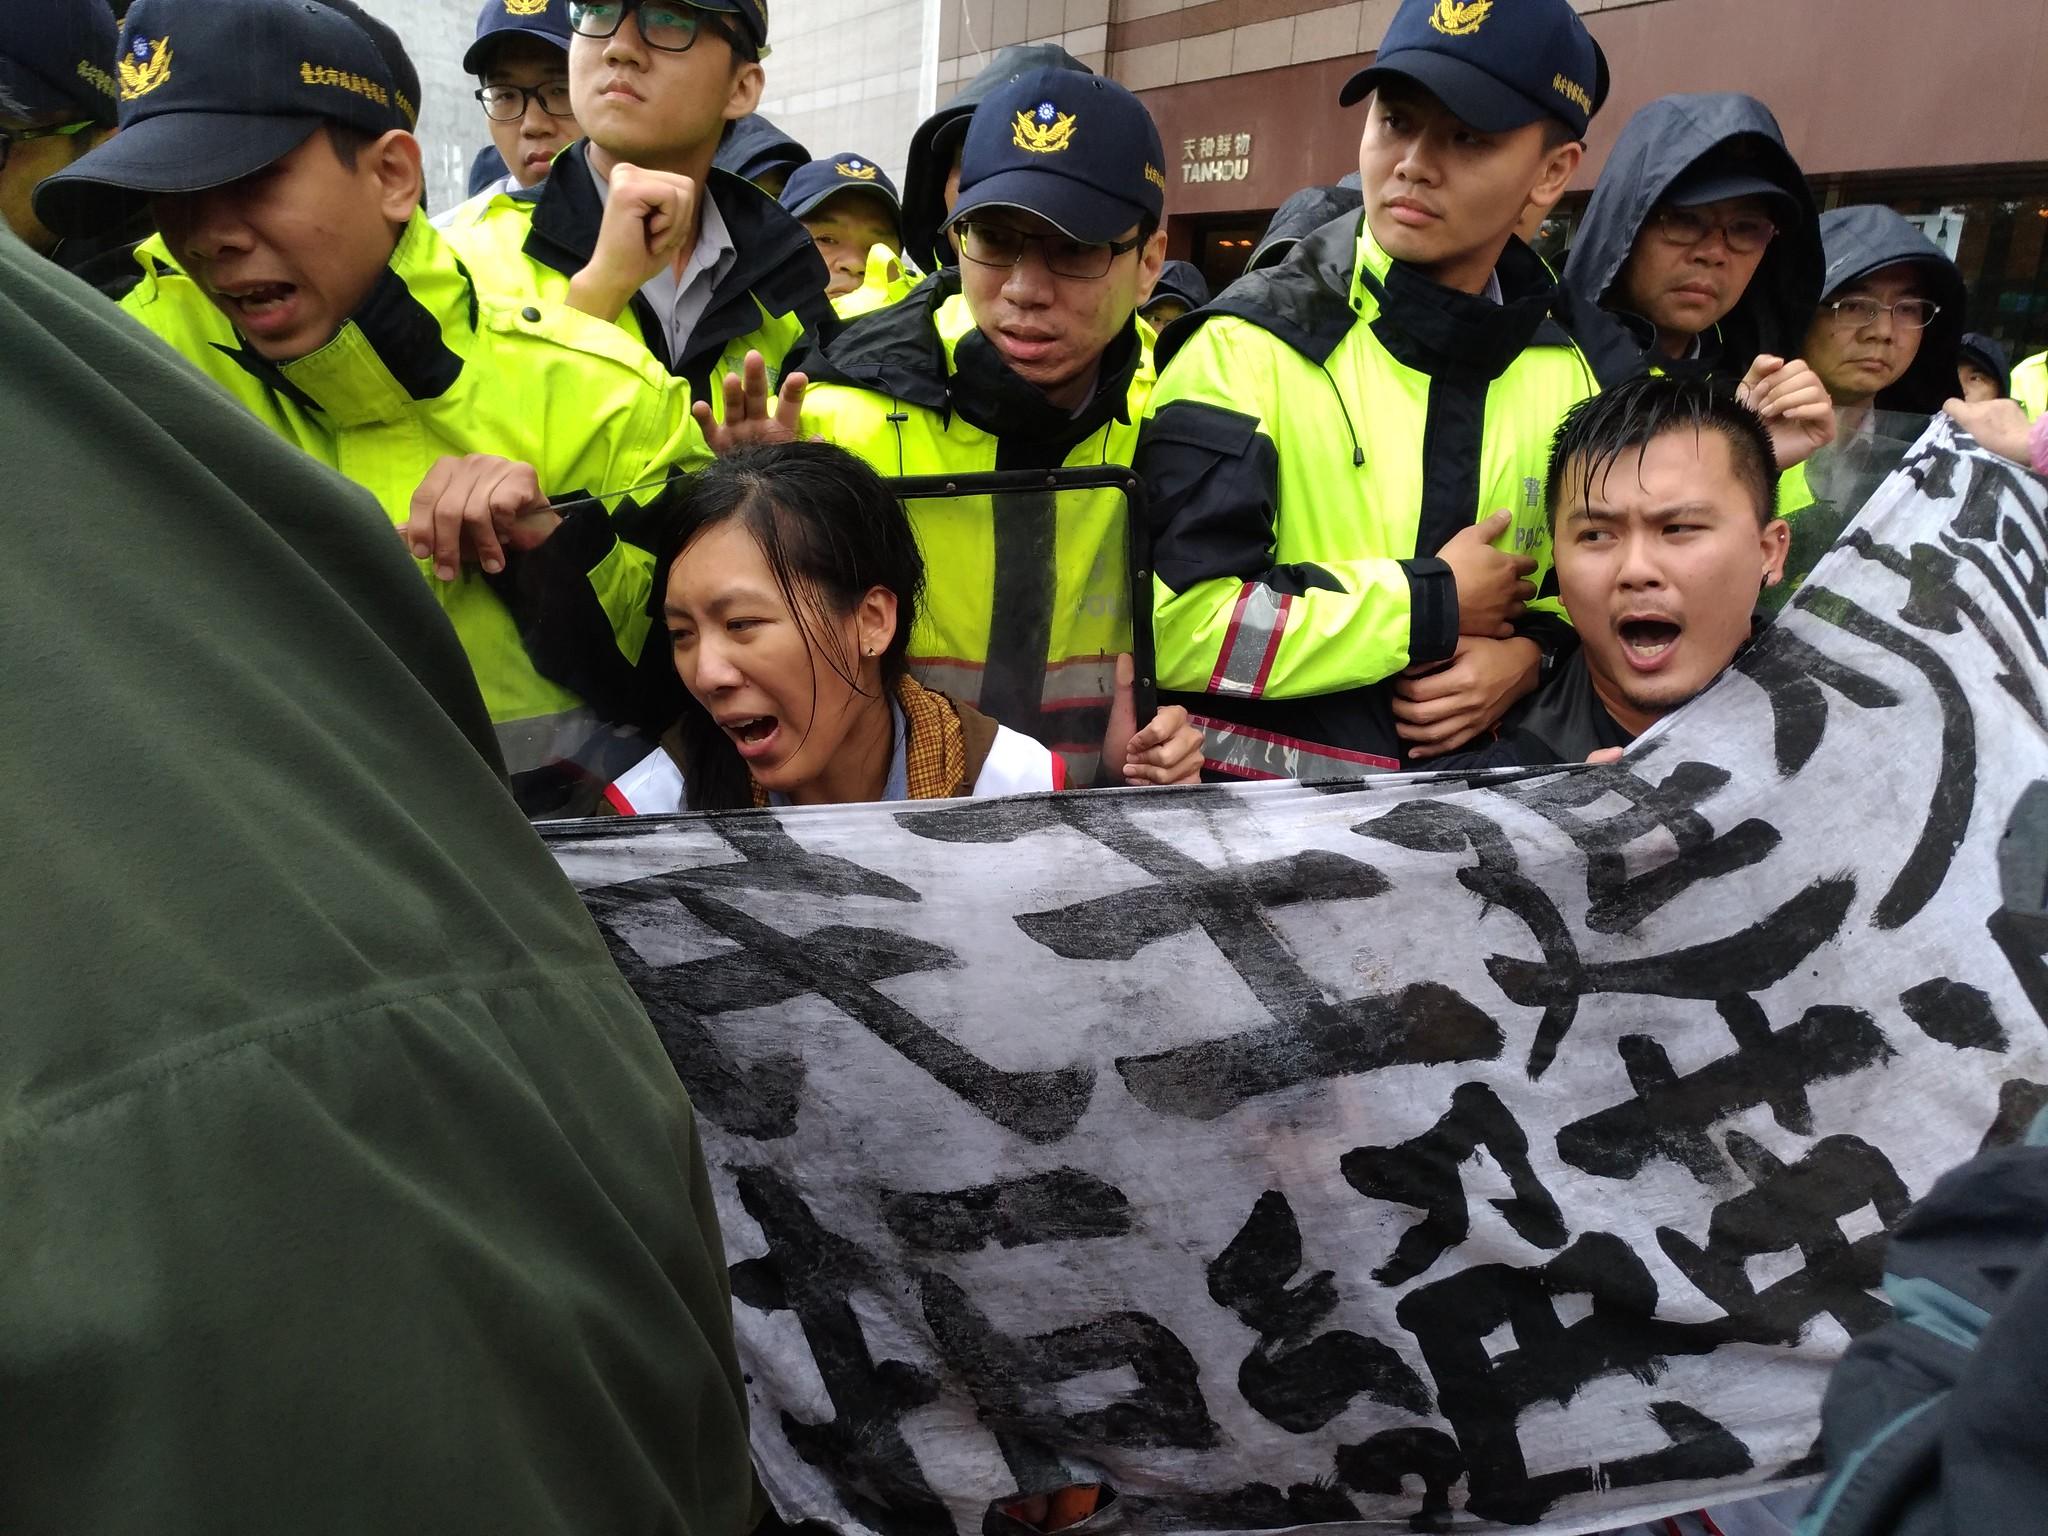 聲援者被夾在改道牌以及警方人牆之間,進退維谷。(攝影:曾福全)